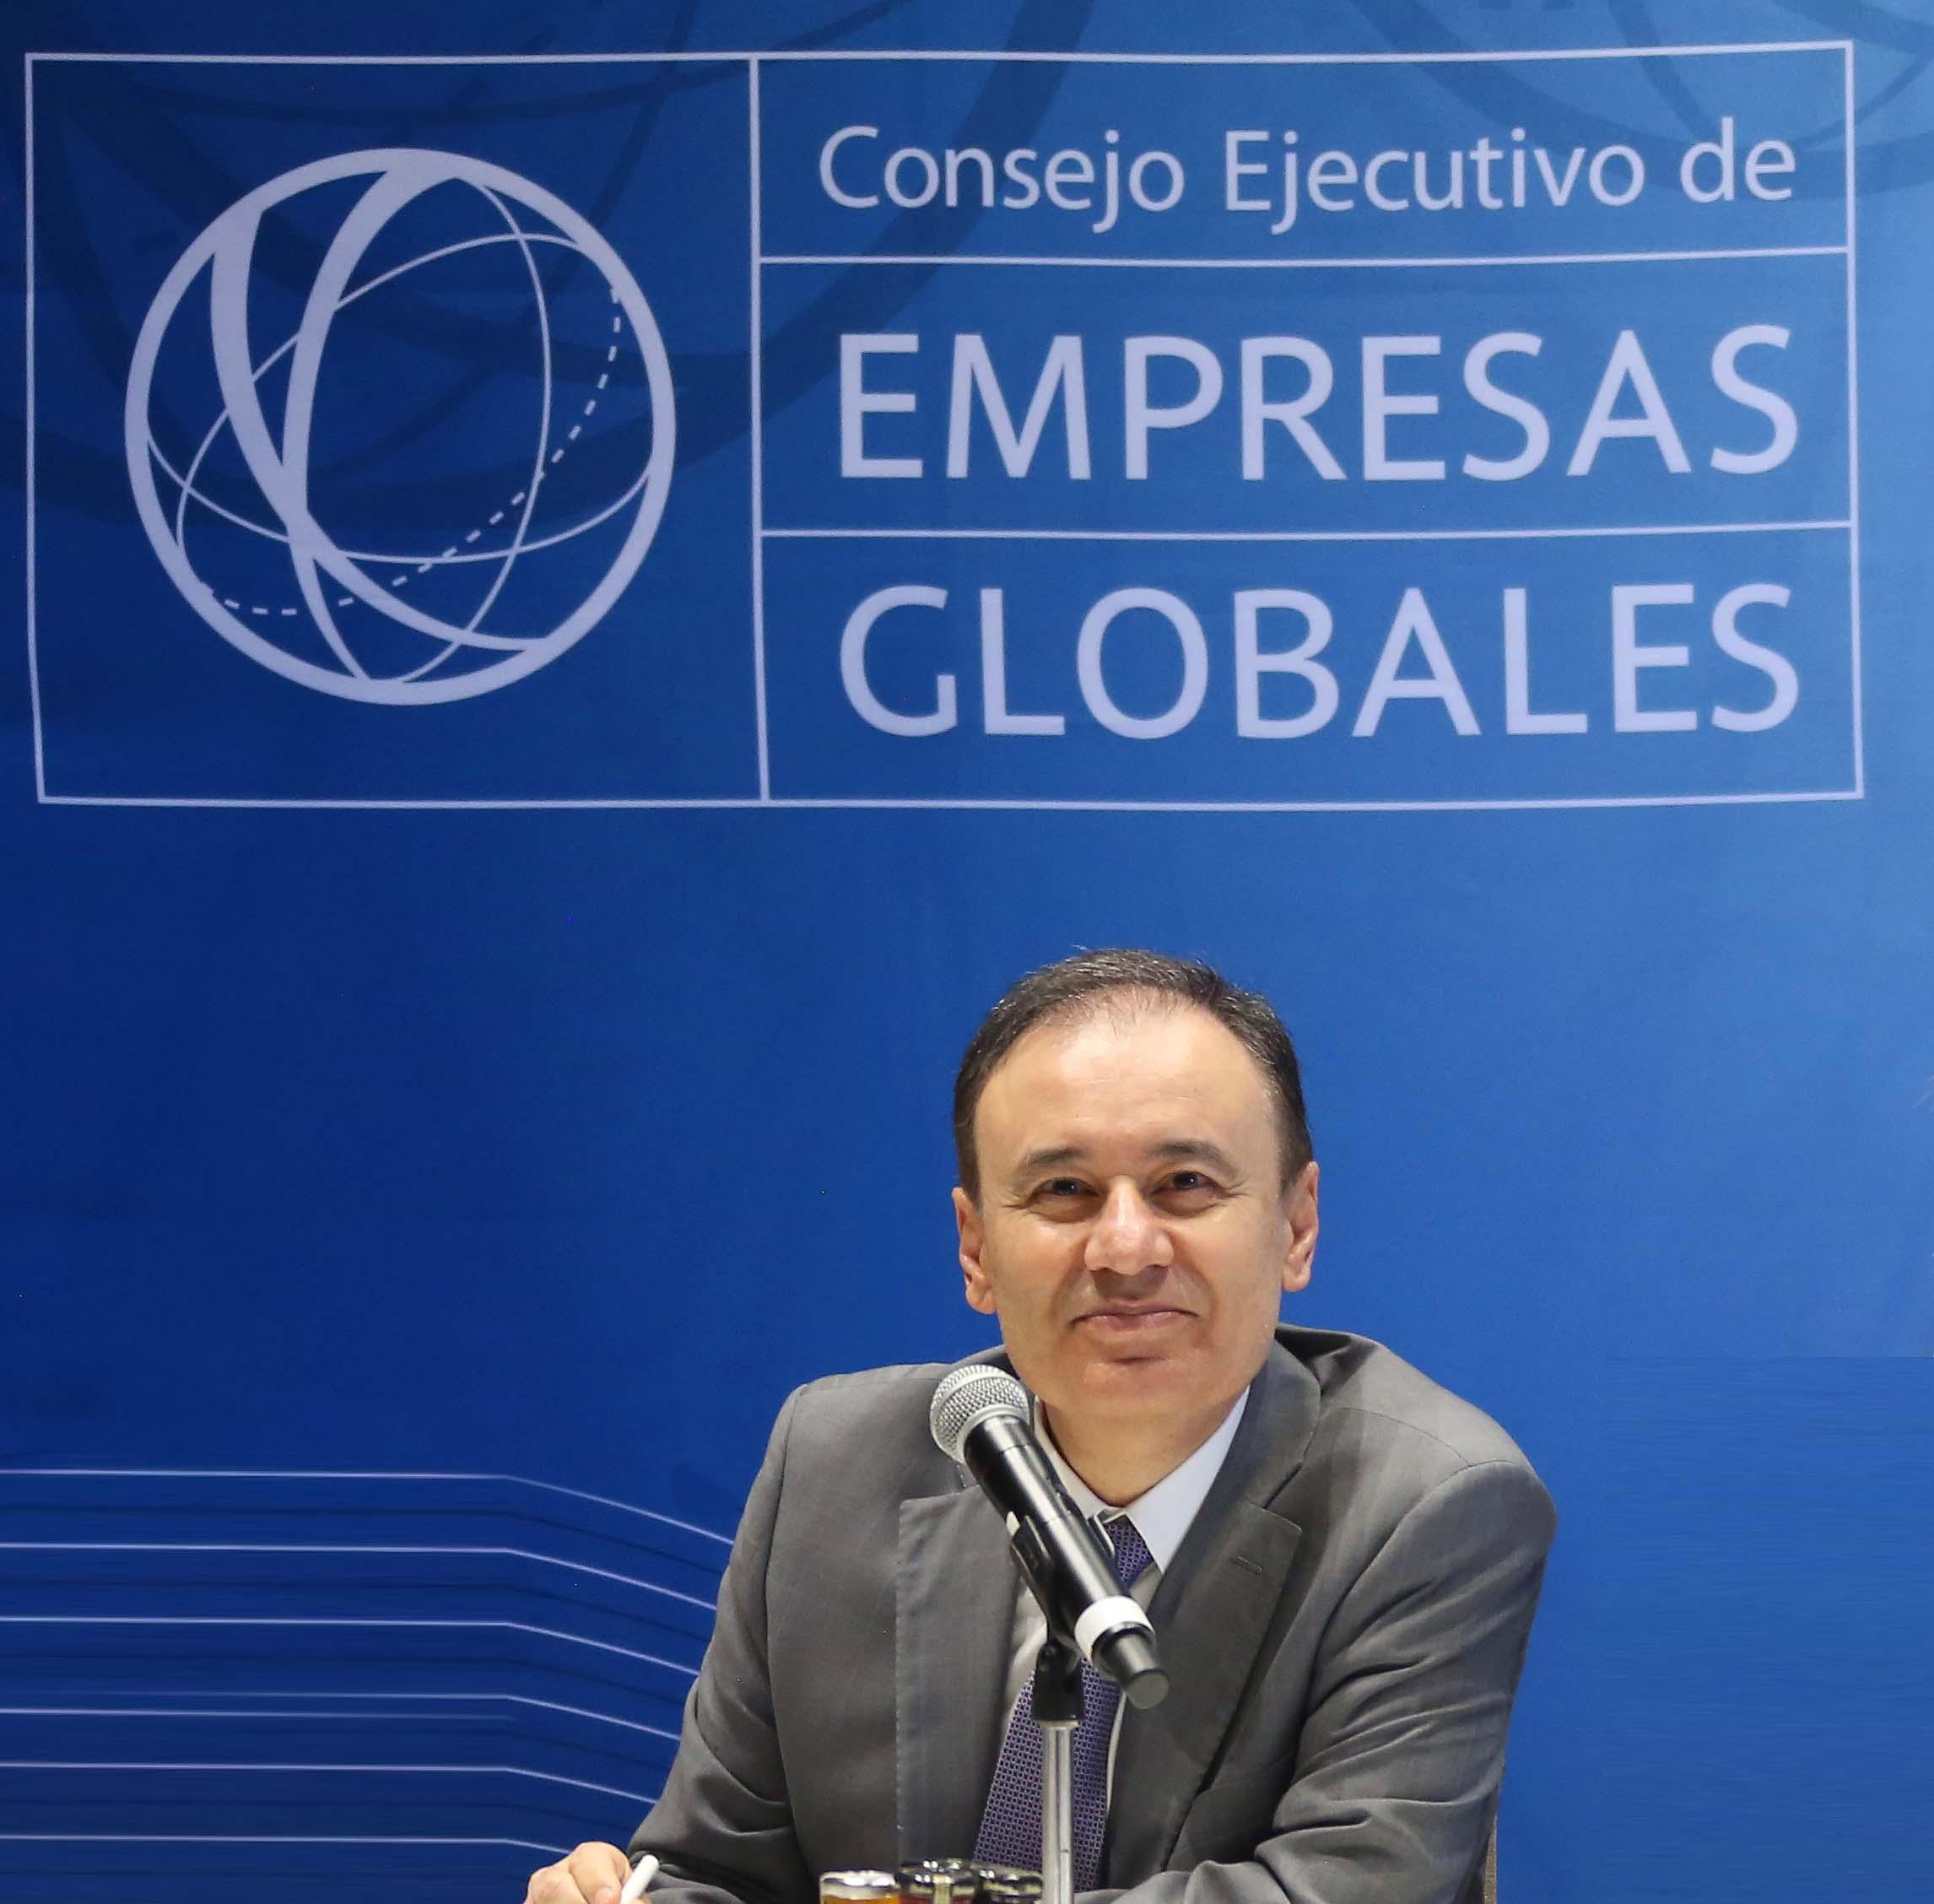 SSPC y el Consejo Ejecutivo de Empresas Globales articulan esfuerzos para combatir la inseguridad.